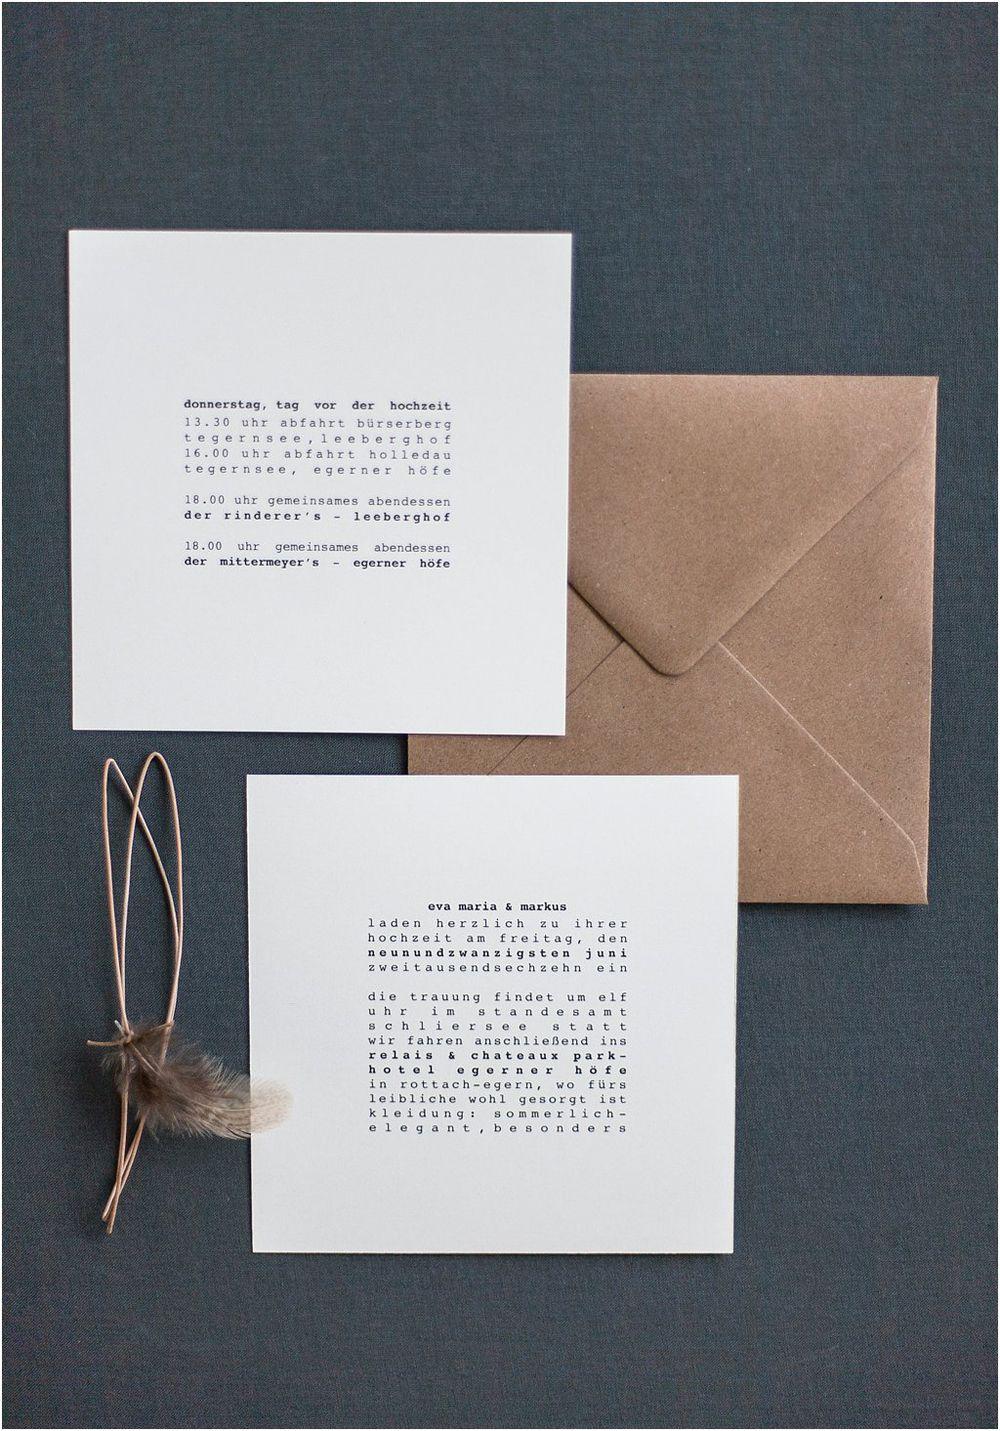 Quadratische Hochzeitseinladung Minimaltistisch, Feder, Lederband, Brauner  Briefumschlag, Schreibmaschinenschrift   Von Anmut Und Sinn